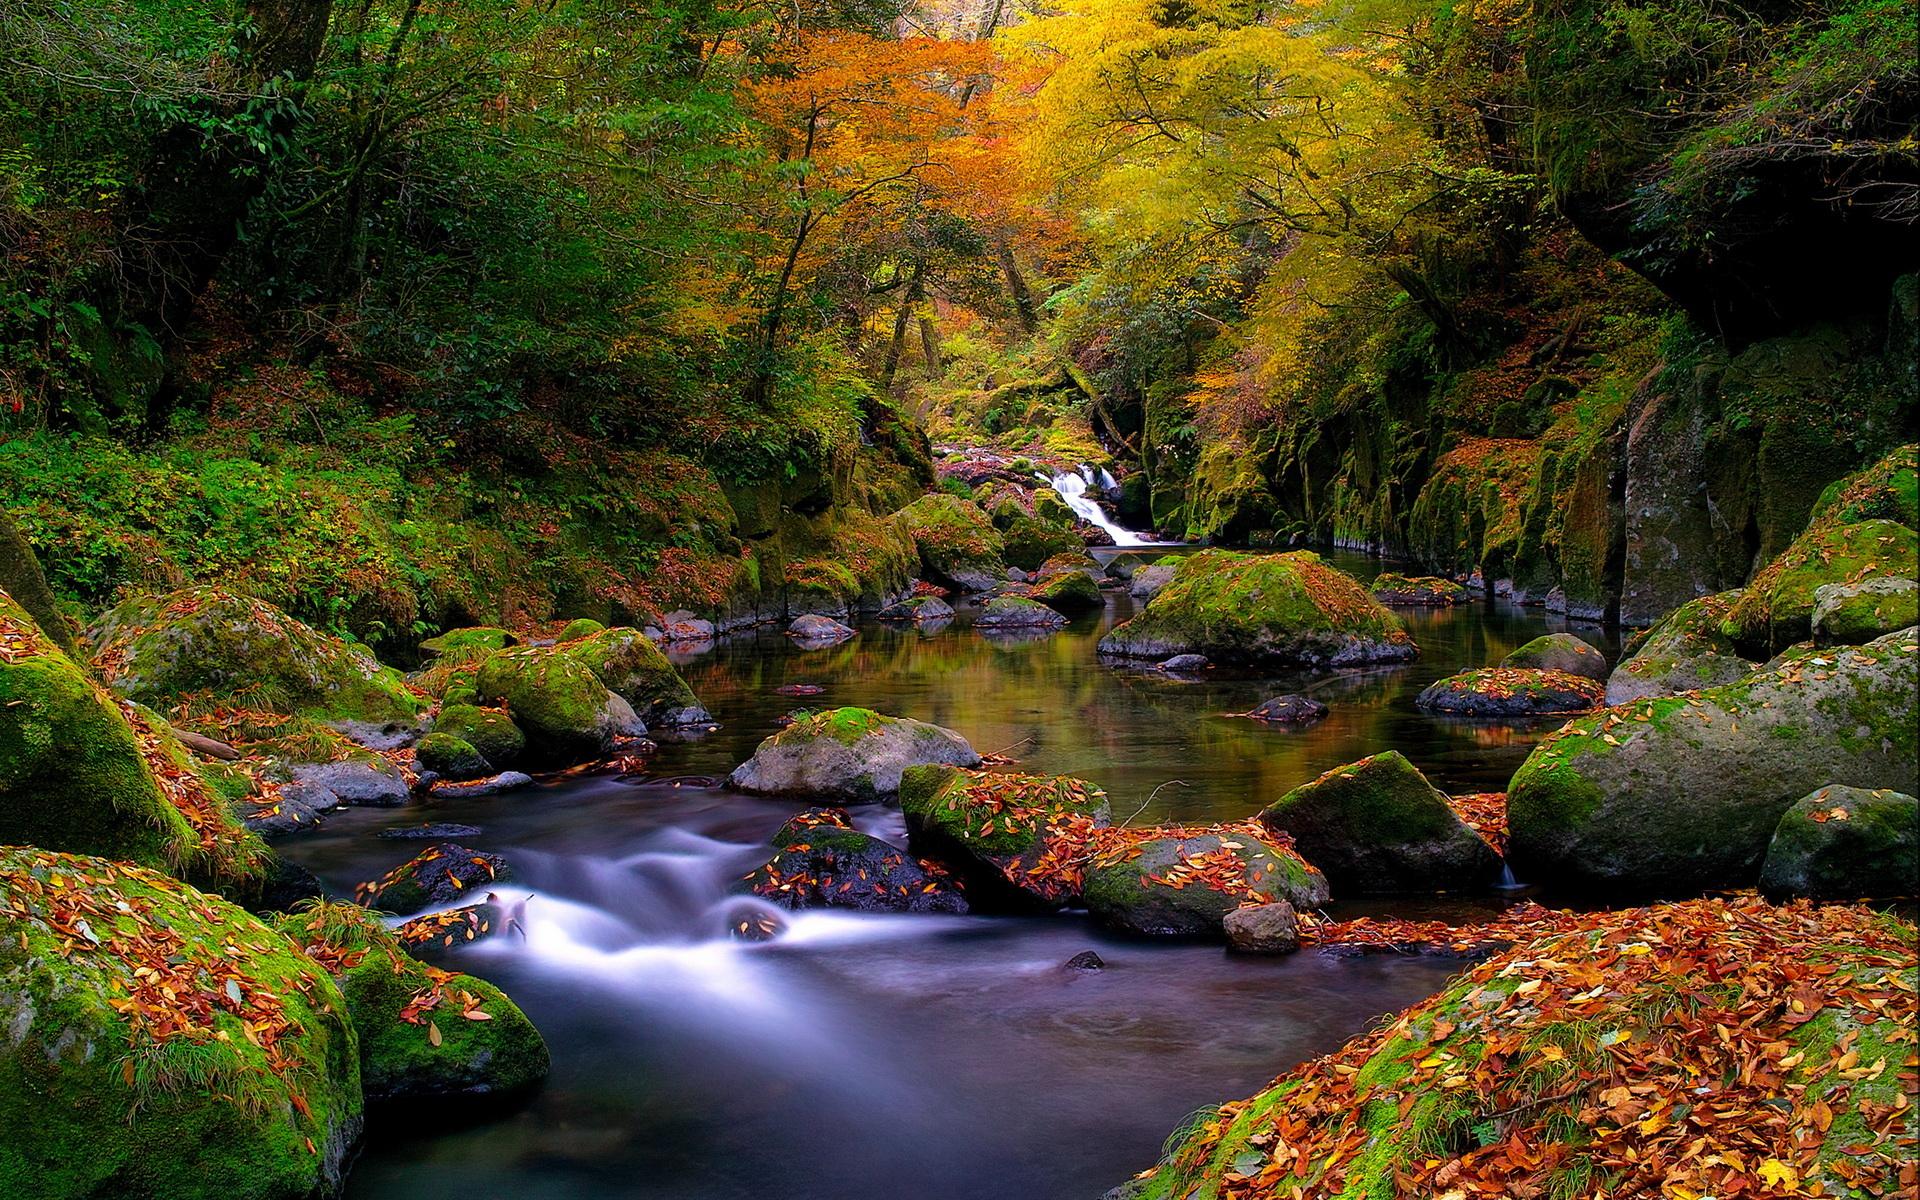 green forest hd wallpaper stream